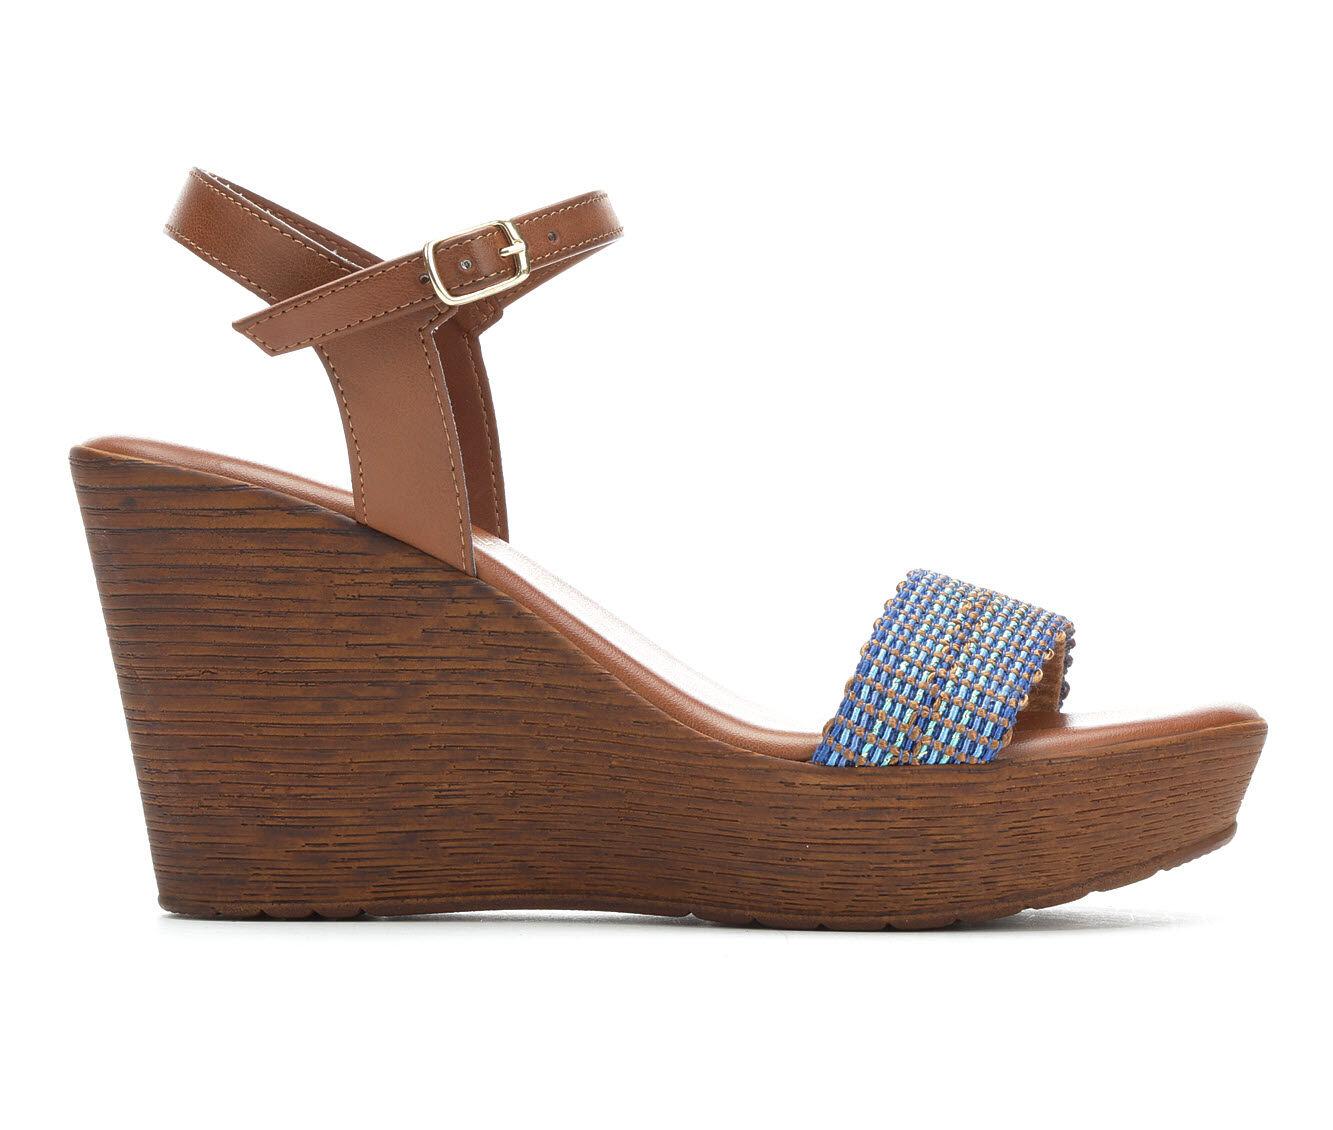 Women's Italian Shoemakers Awake Wedges Demim